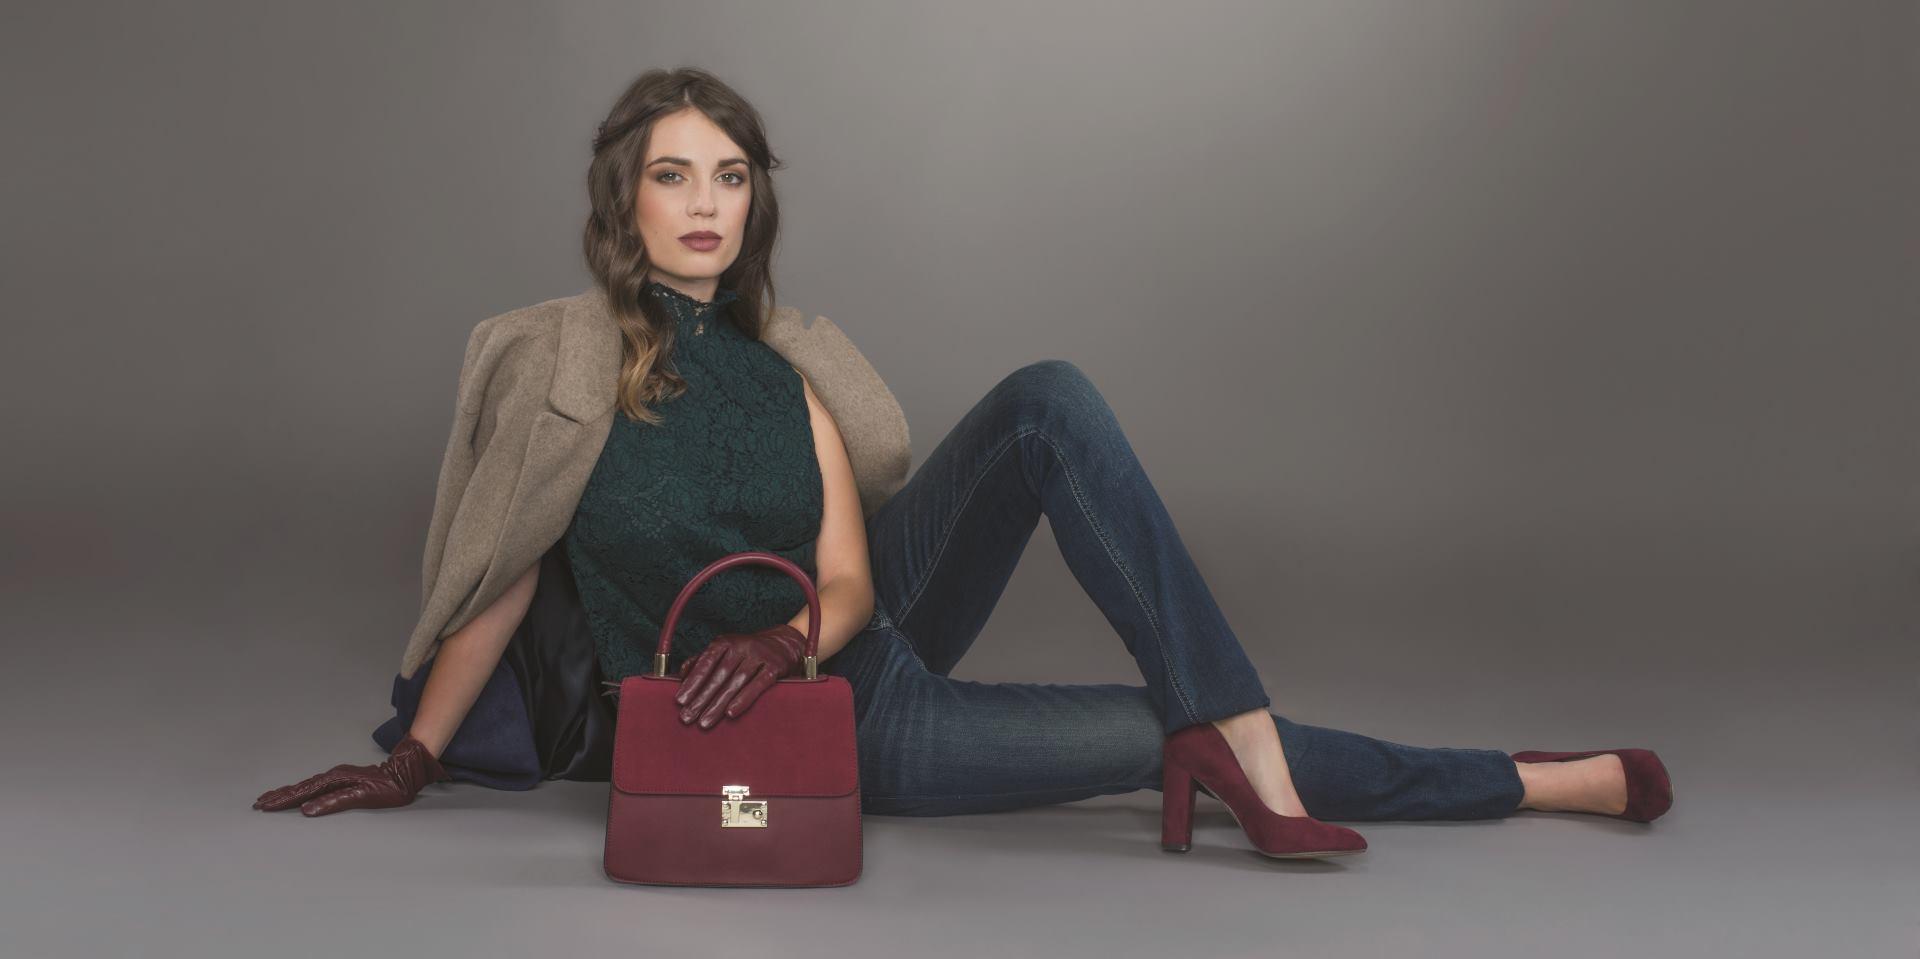 FOTO: Ana Šegović je zaštitno Lumini lice 2016 i predstavlja najnovije modne trendove